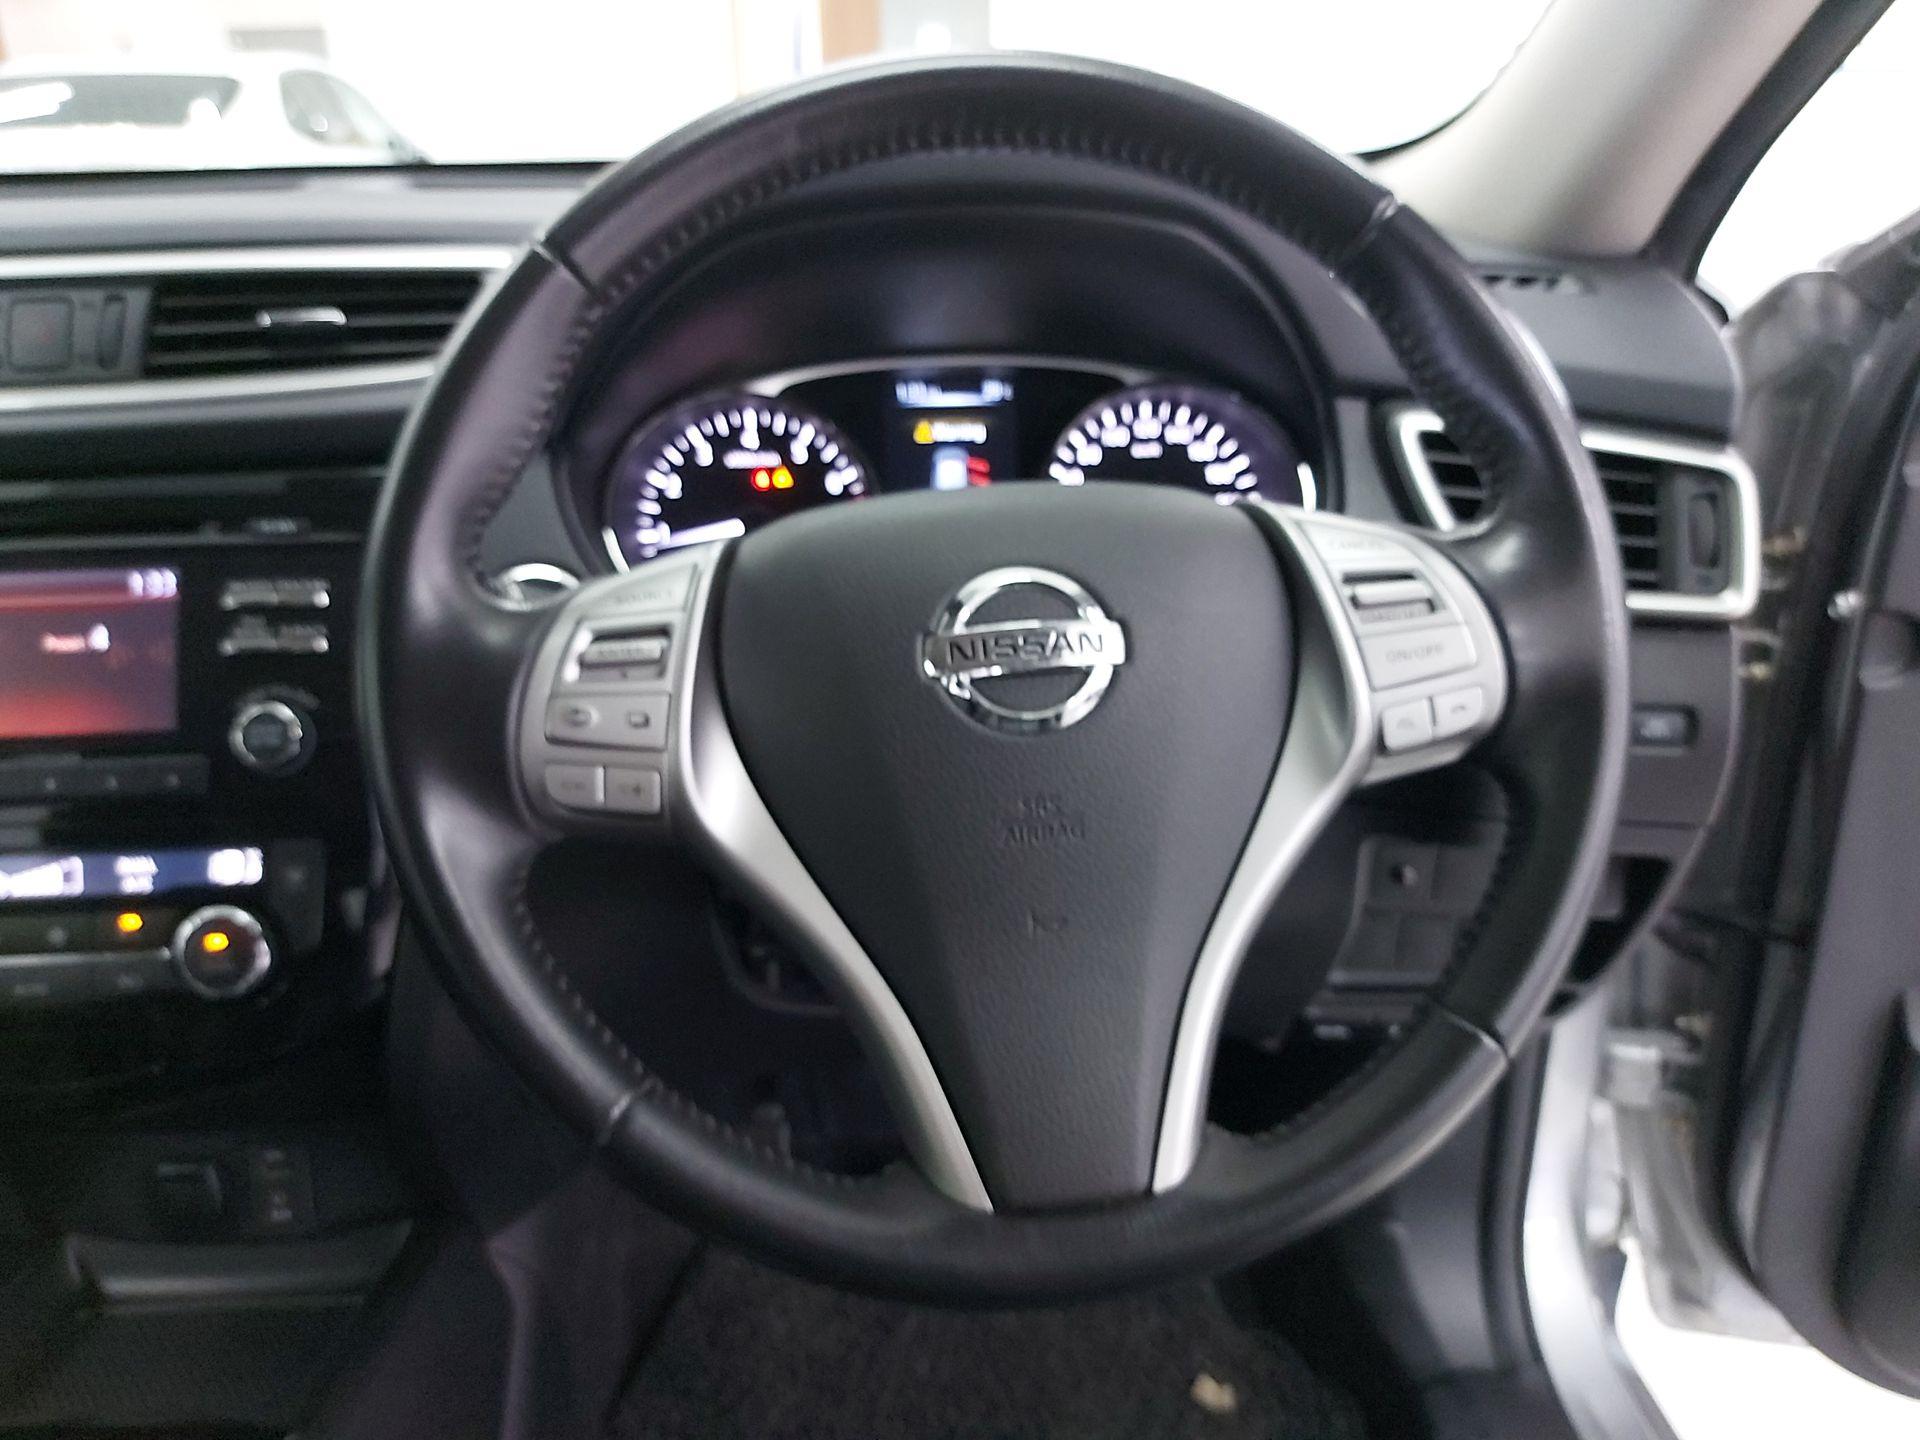 2018 Nissan X-trail 2.5L CVT